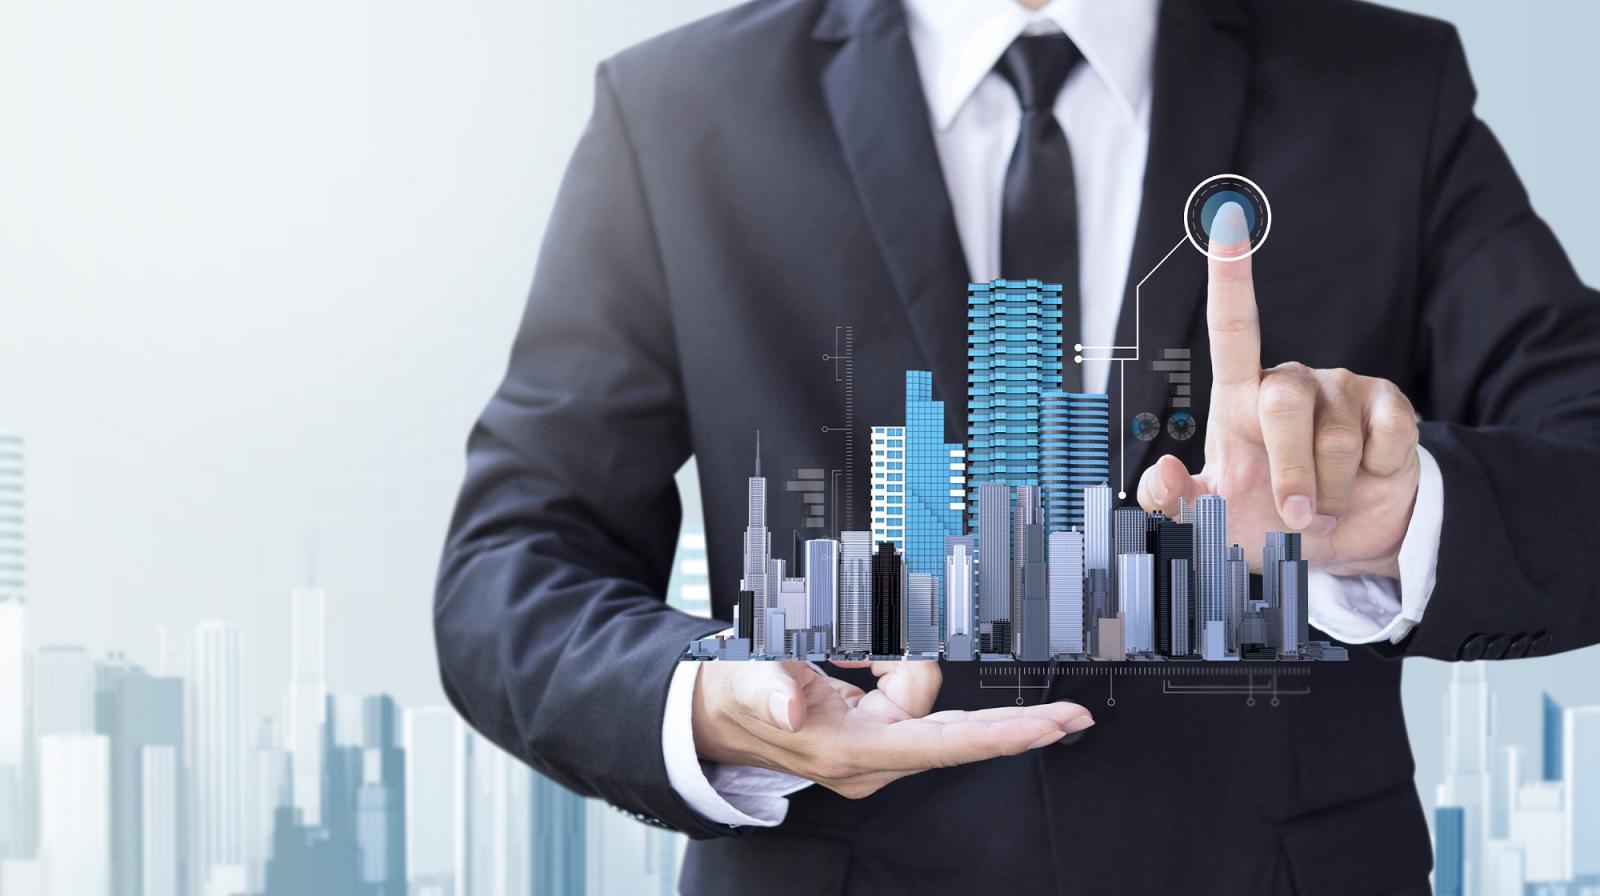 Nên chọn bất động sản đã hoàn thiện, có thể cho thuê ngay để tăng hiệu quả suất đầu tư, tránh vuột mất cơ hội sinh lời. Ảnh minh họa